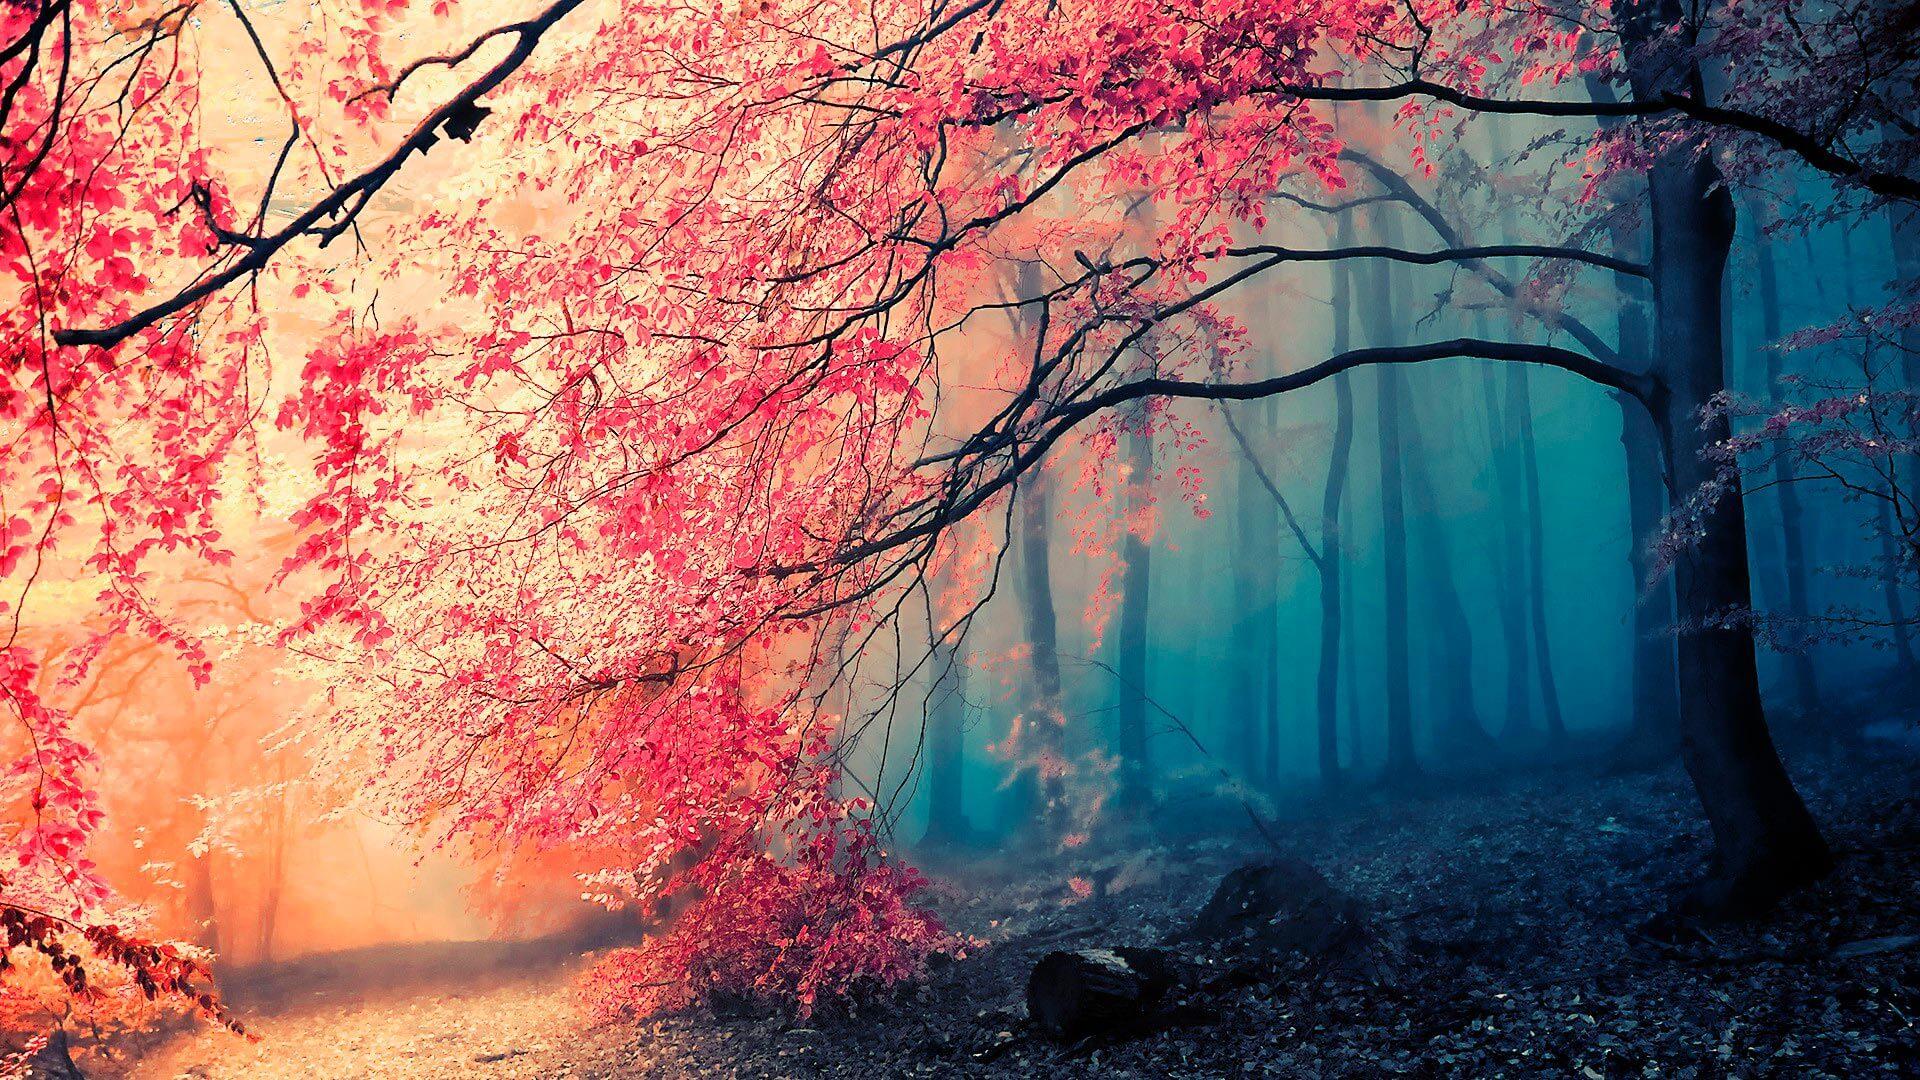 Красивые арт-картинки деревьев и природы - лучшие обои 1